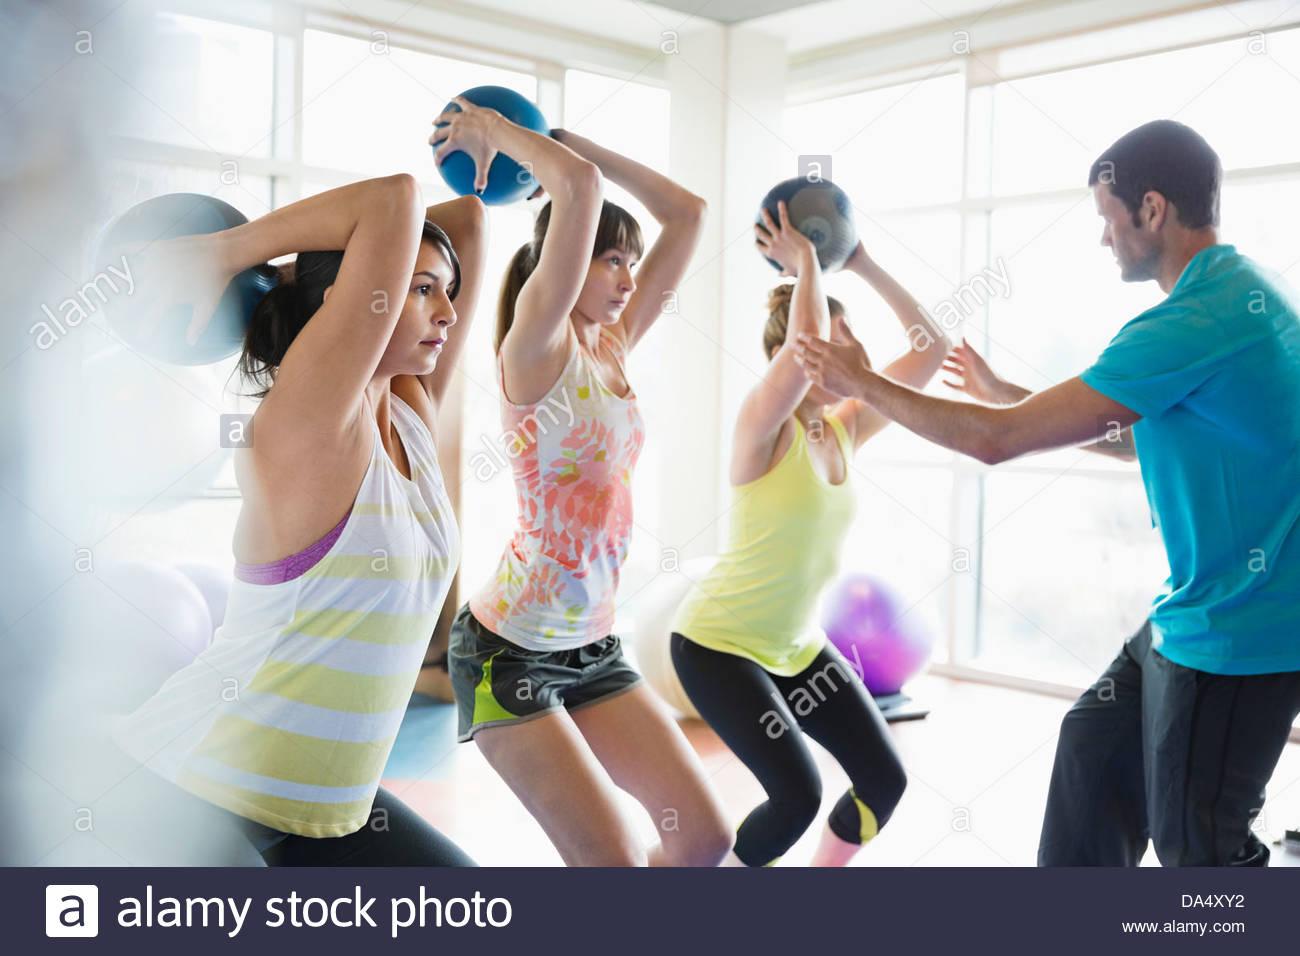 Le donne che utilizzano le sfere di medicina nella classe di fitness Immagini Stock